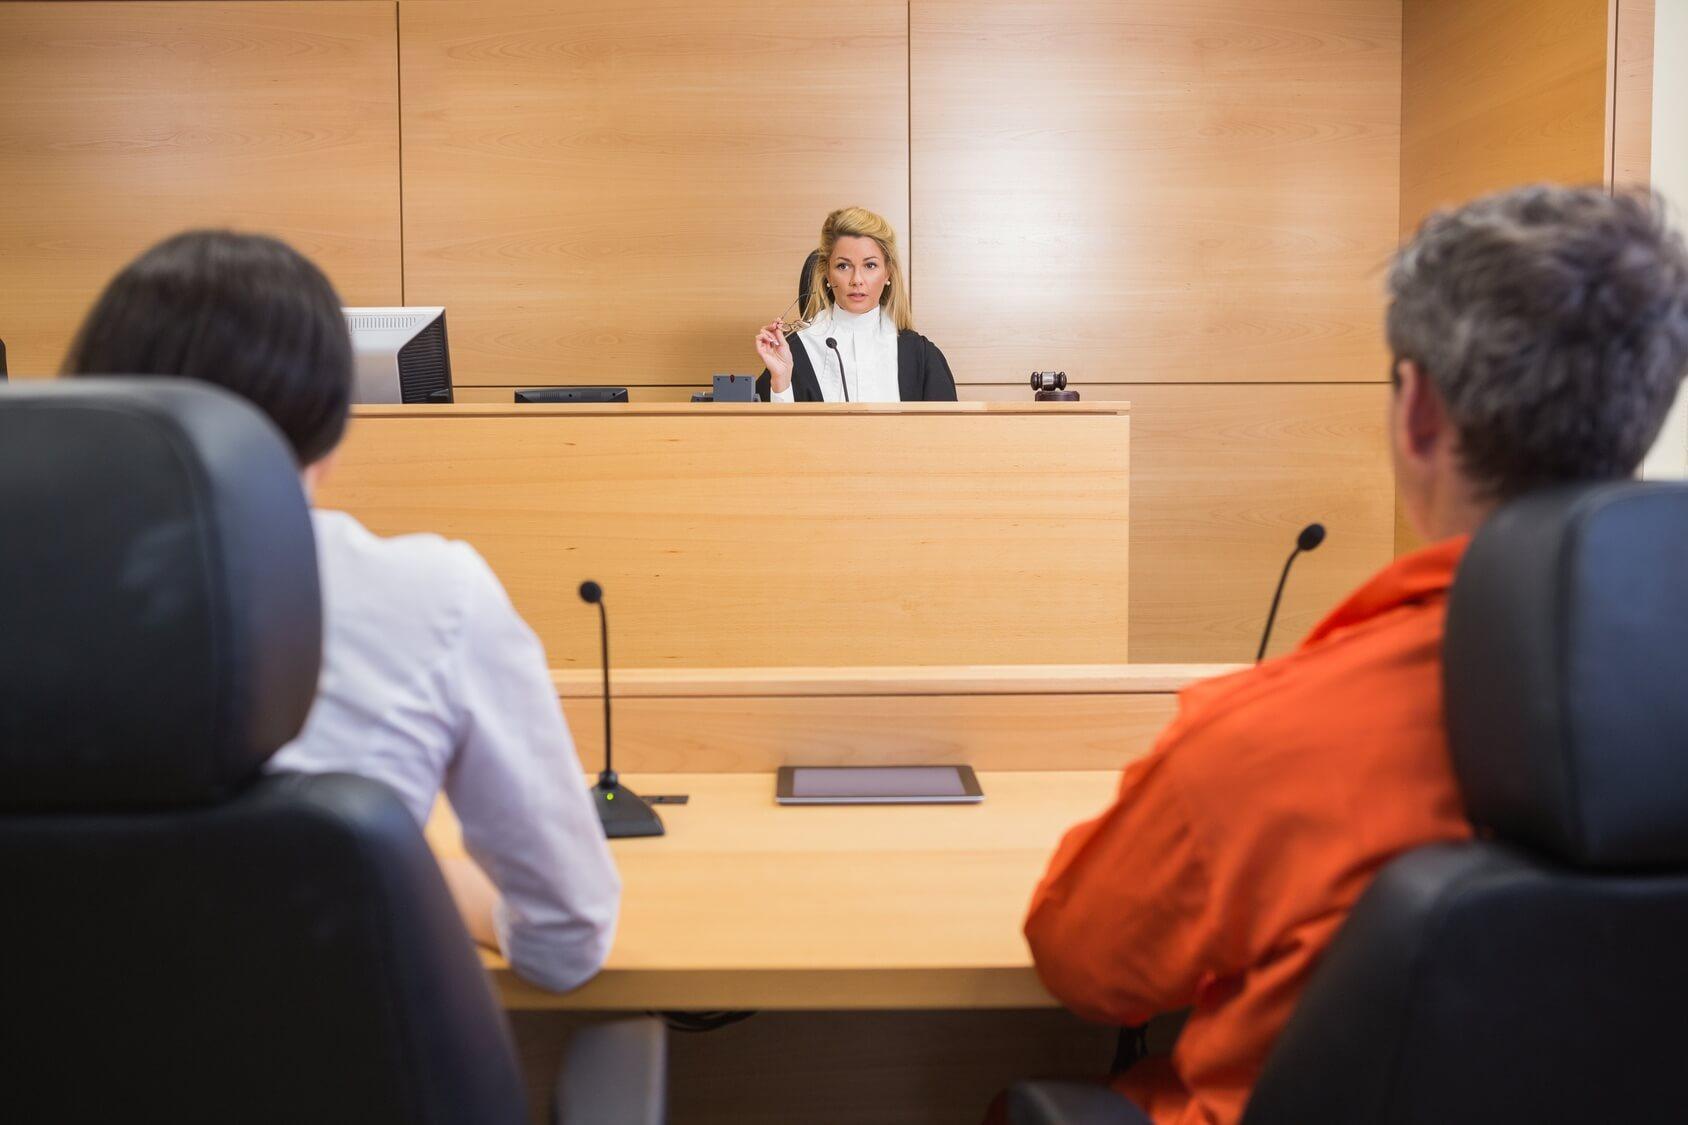 Juge rendant son verdict grâce à son marteau